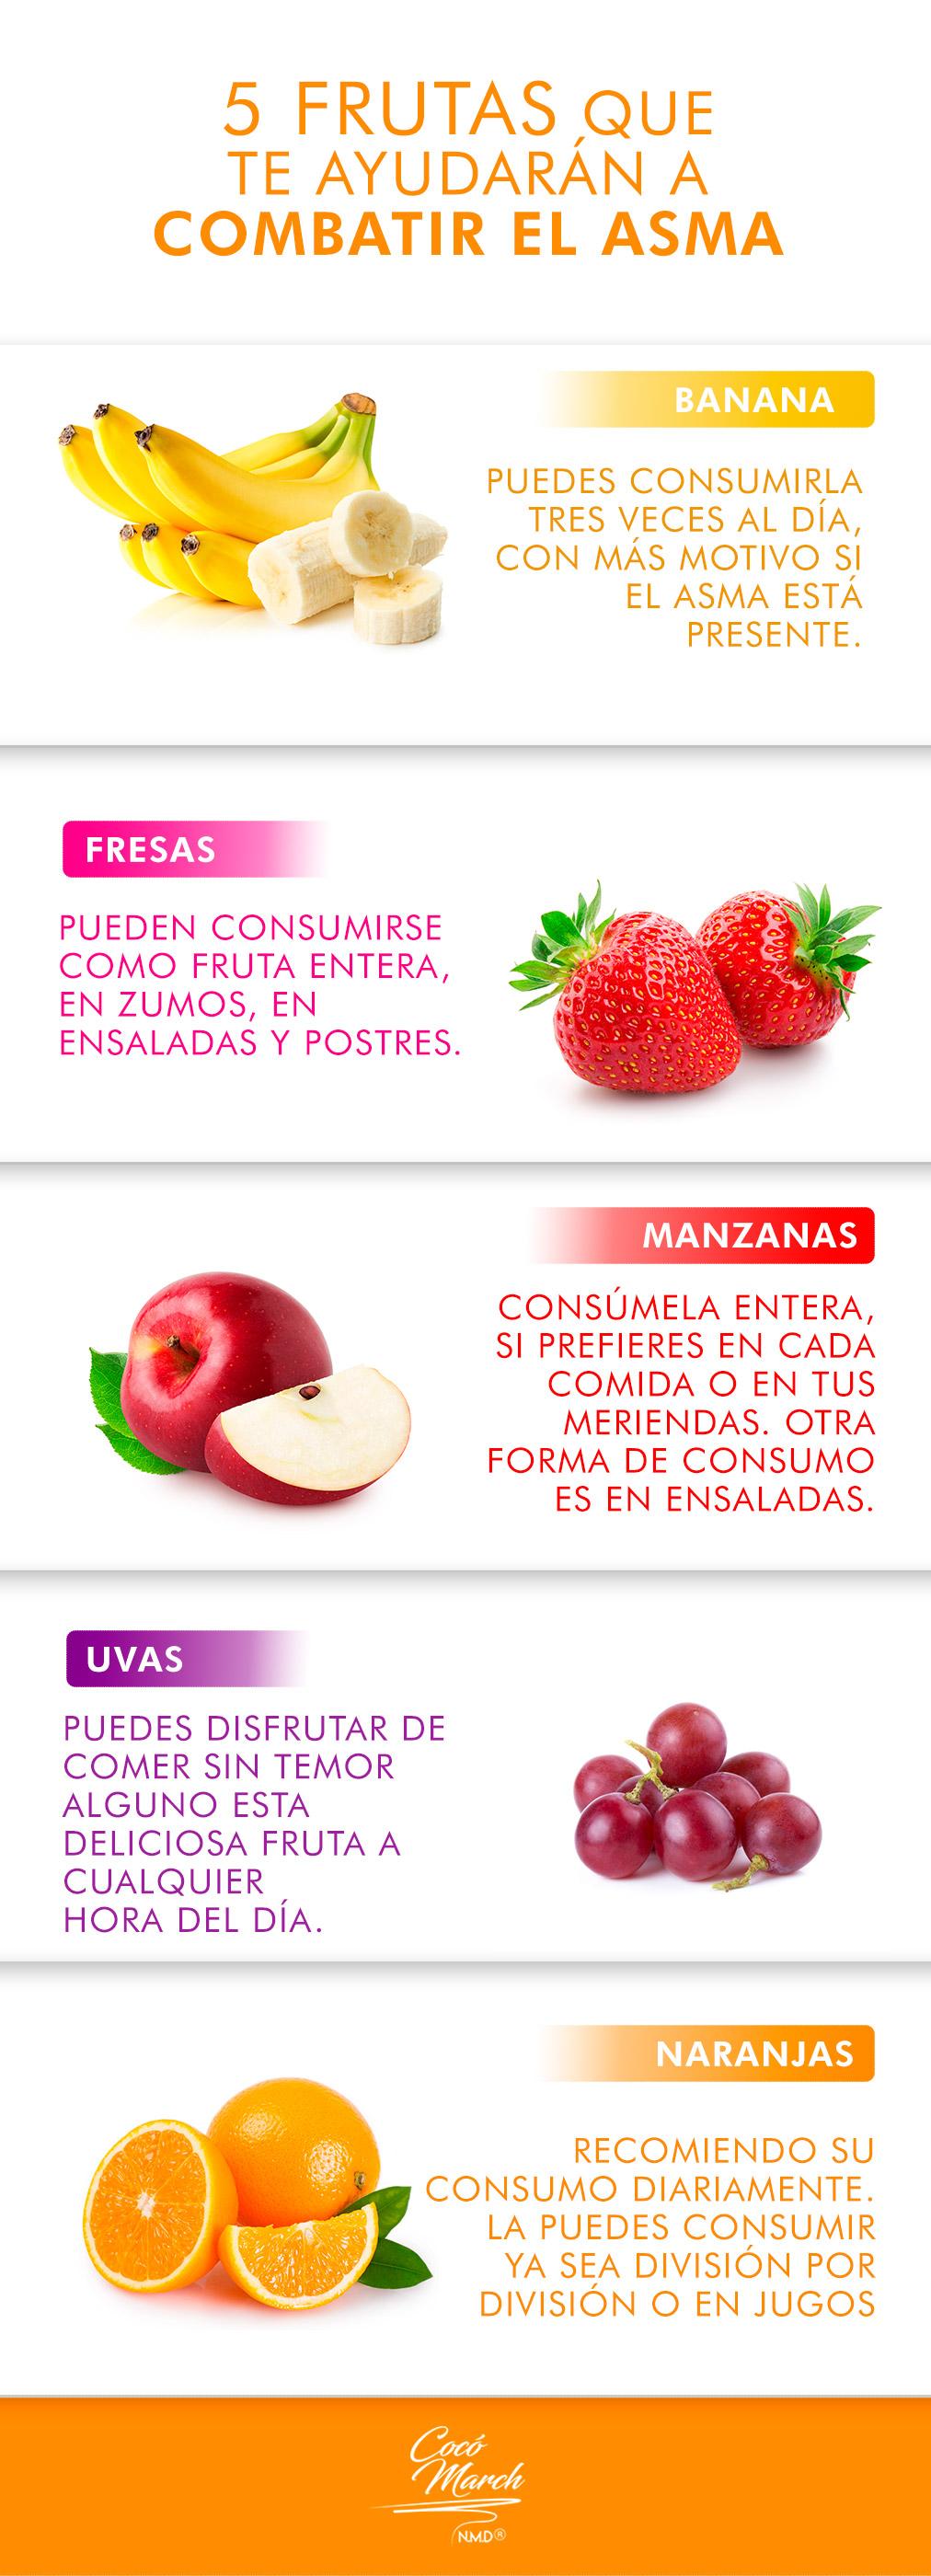 frutas-contra-el-asma